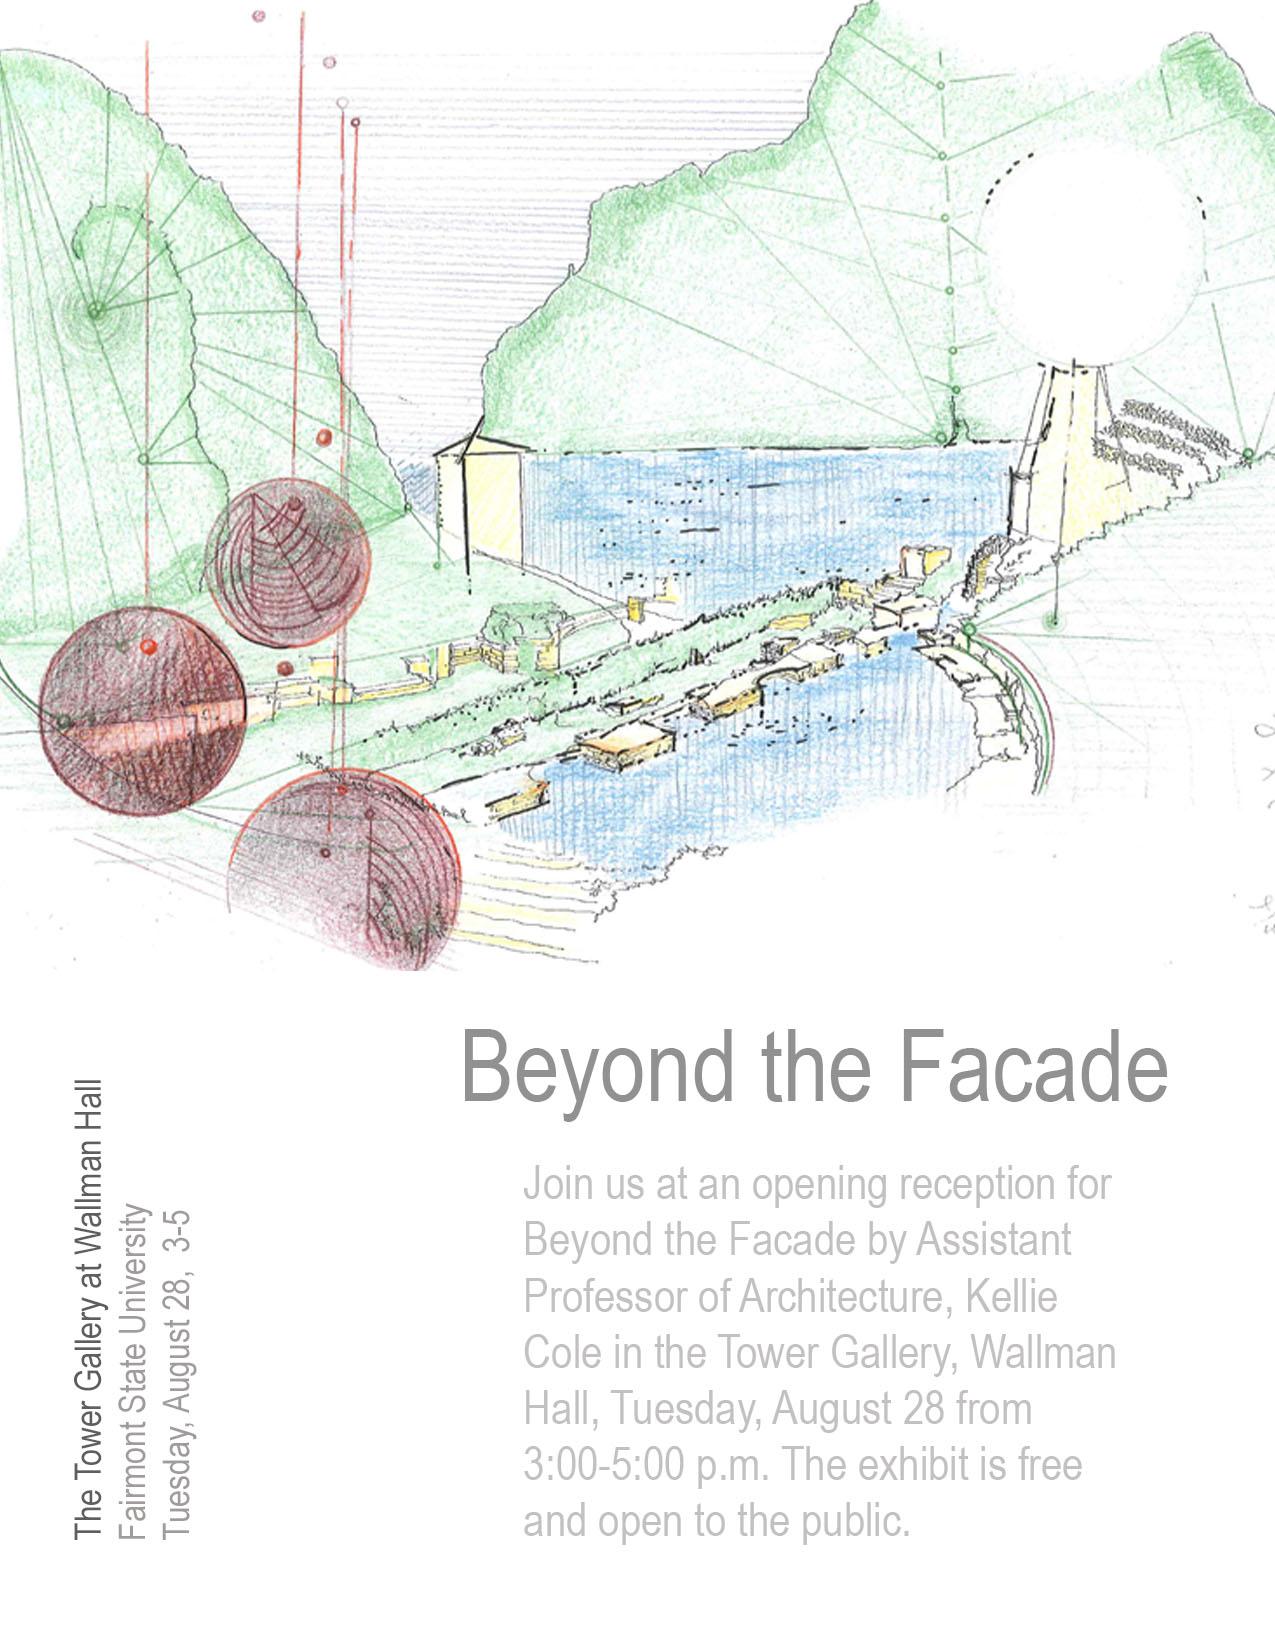 Beyond the Facade3